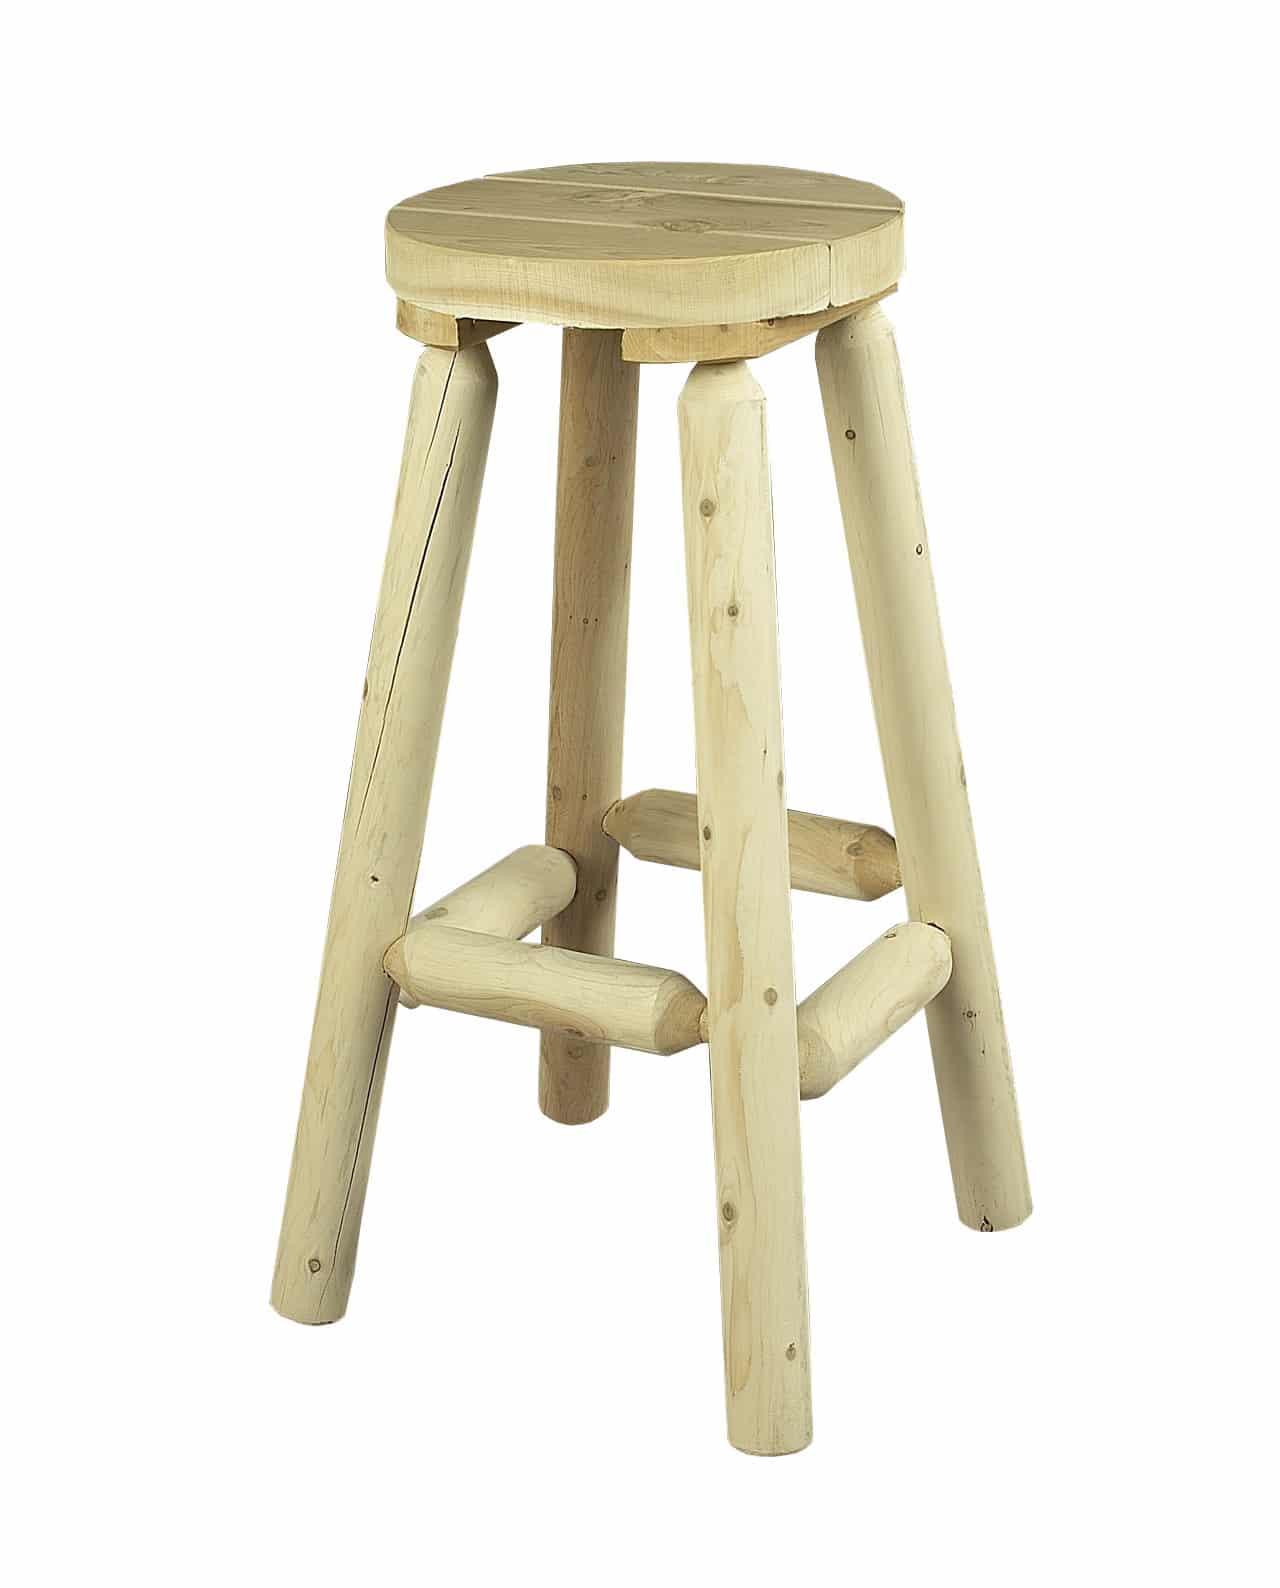 tabouret haut en bois de c dre blanc c dre rondins